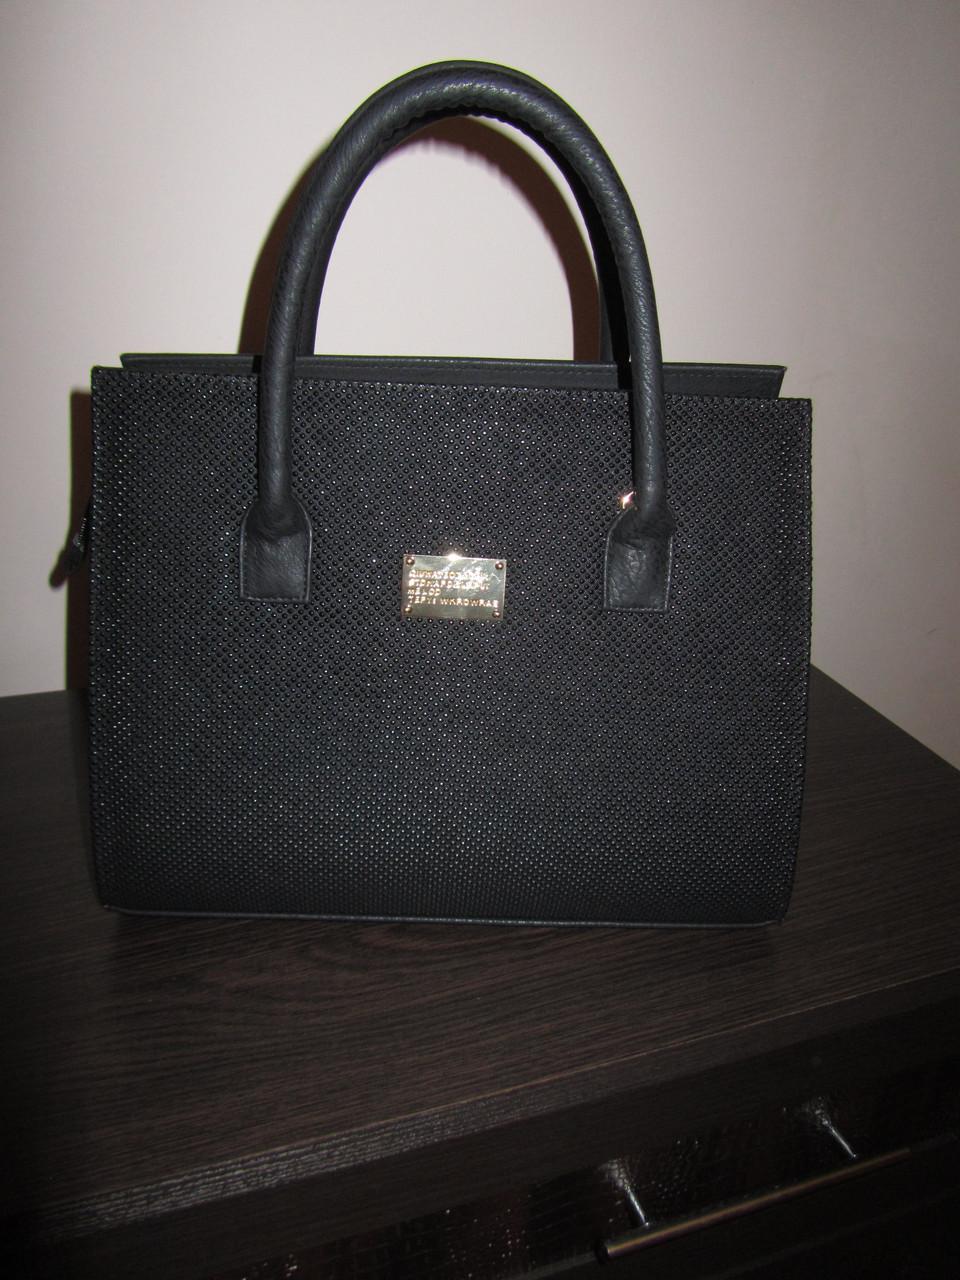 15f726de2872 Качественная женская сумка 2018 - Интернет-магазин